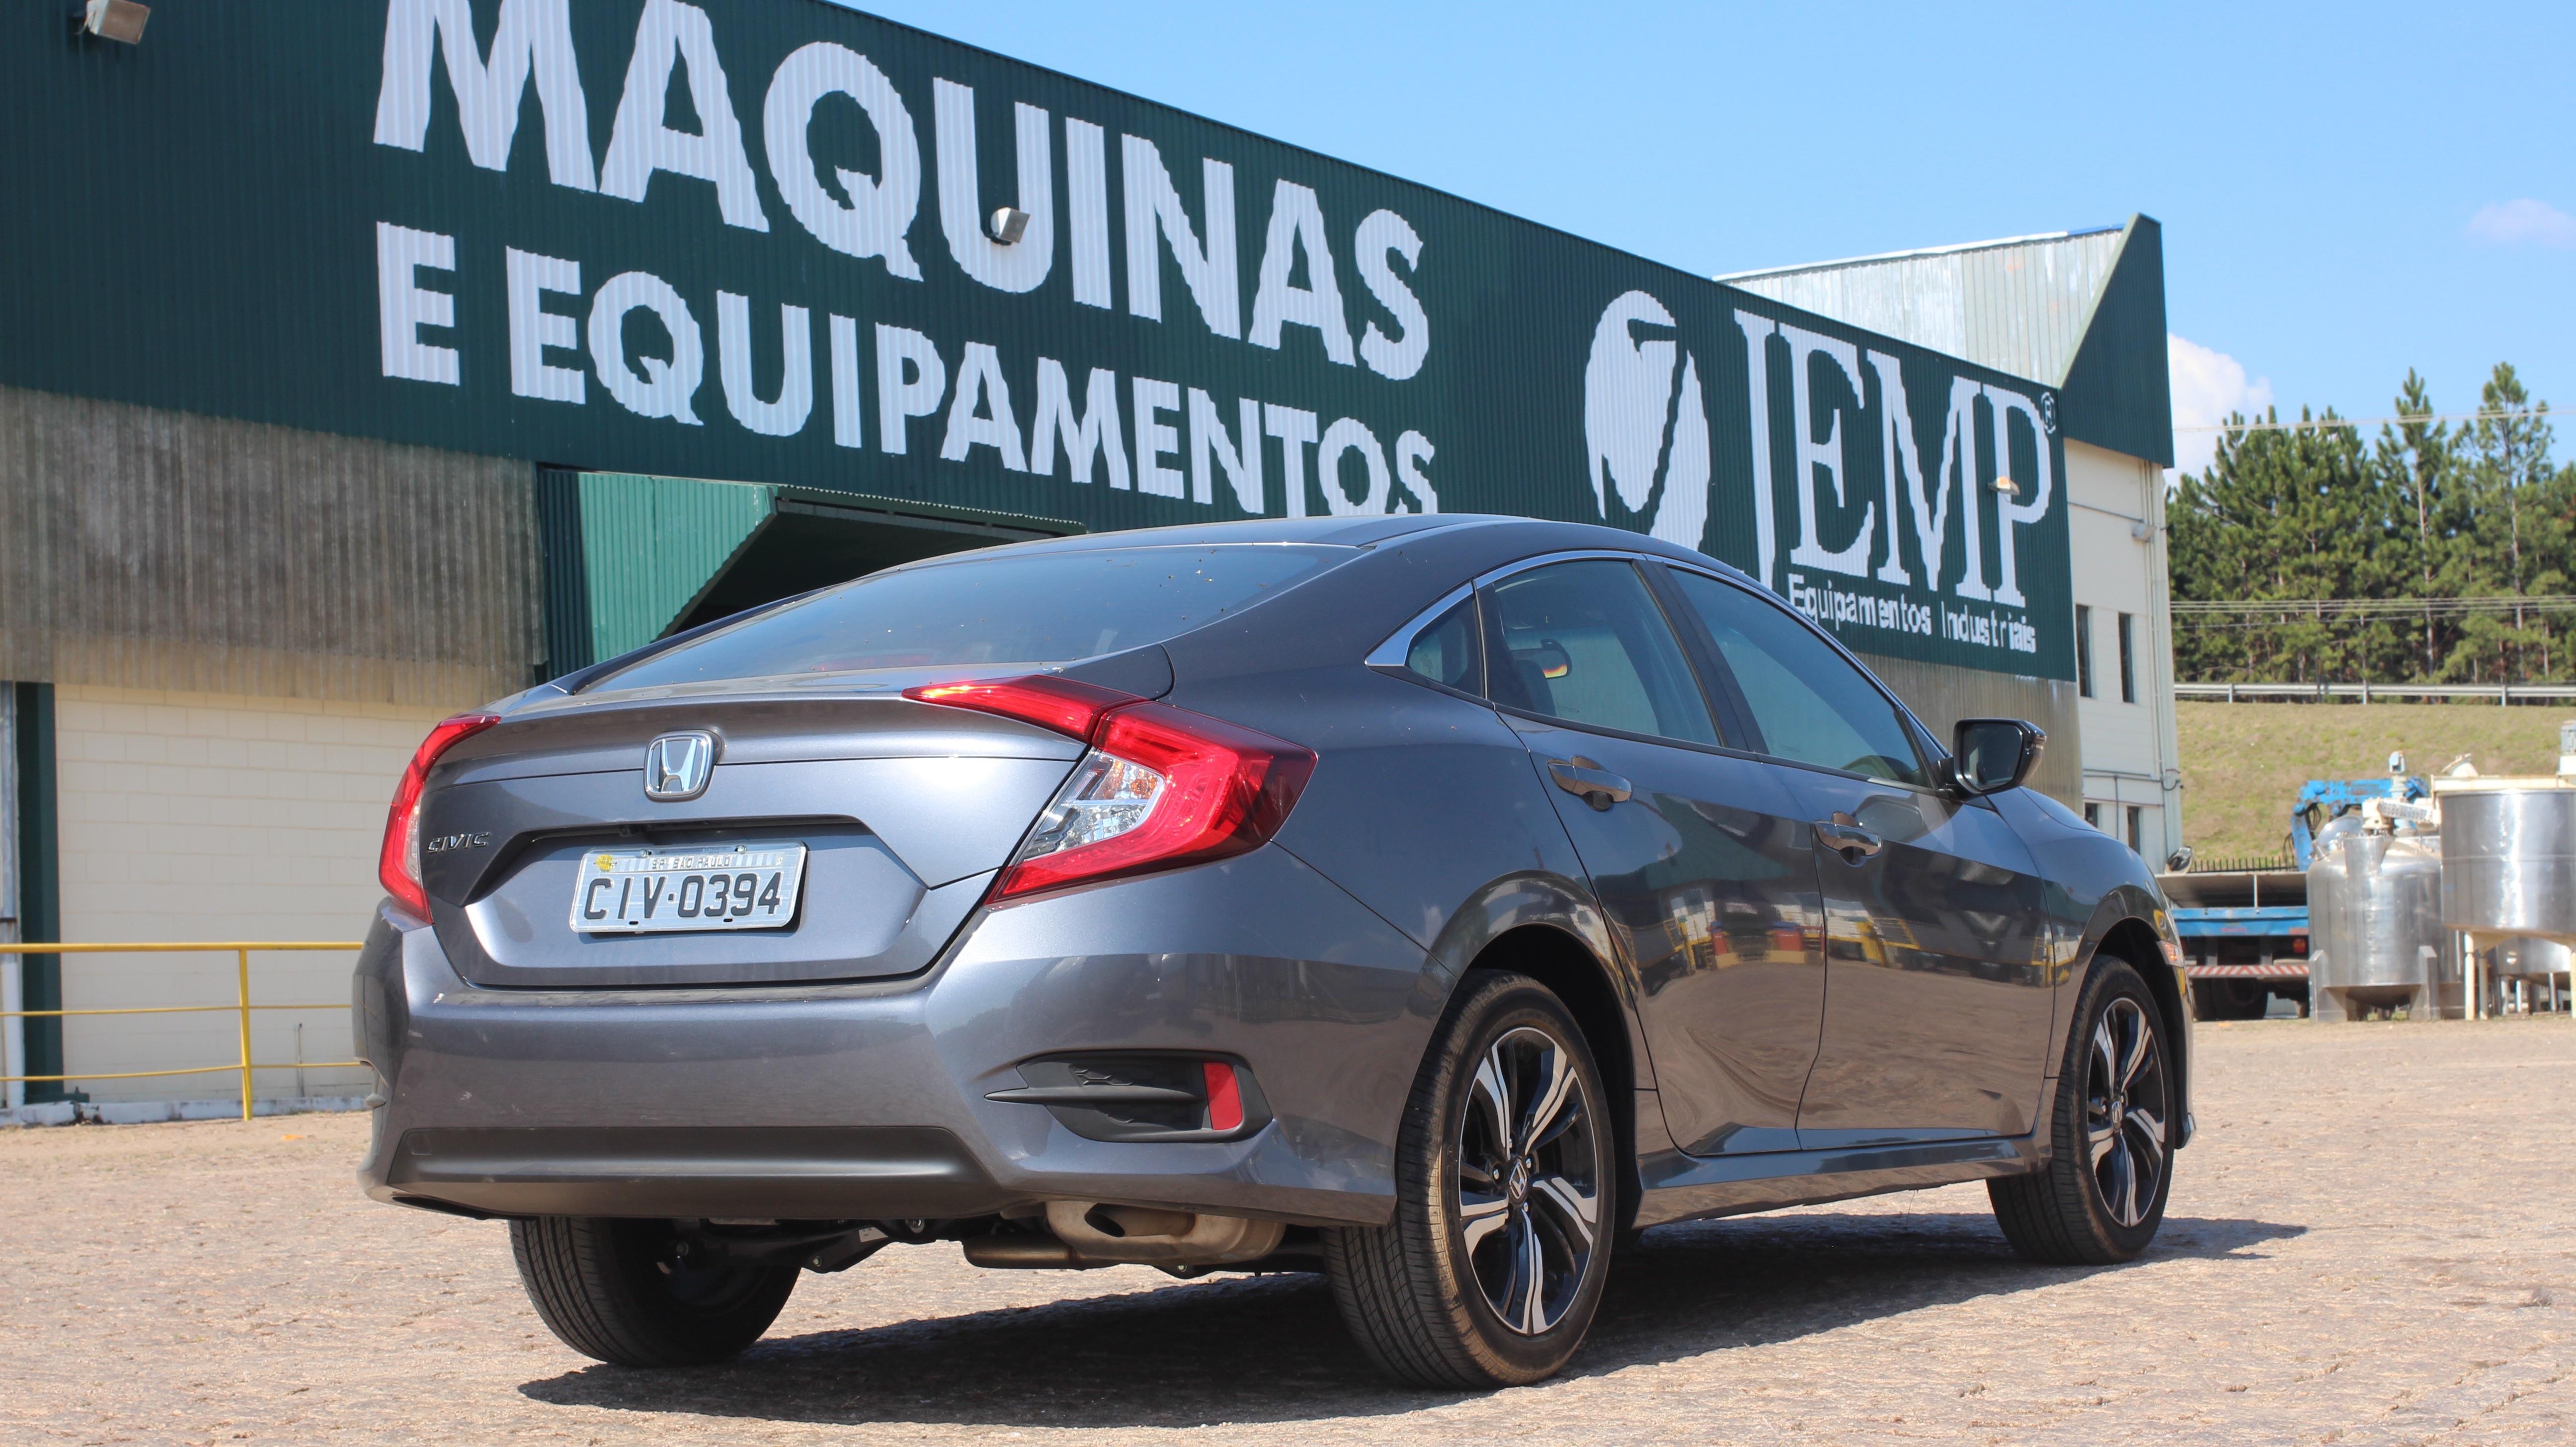 Testamos o Novo Honda Civic EX, descubra nossa opinião sobre ele!